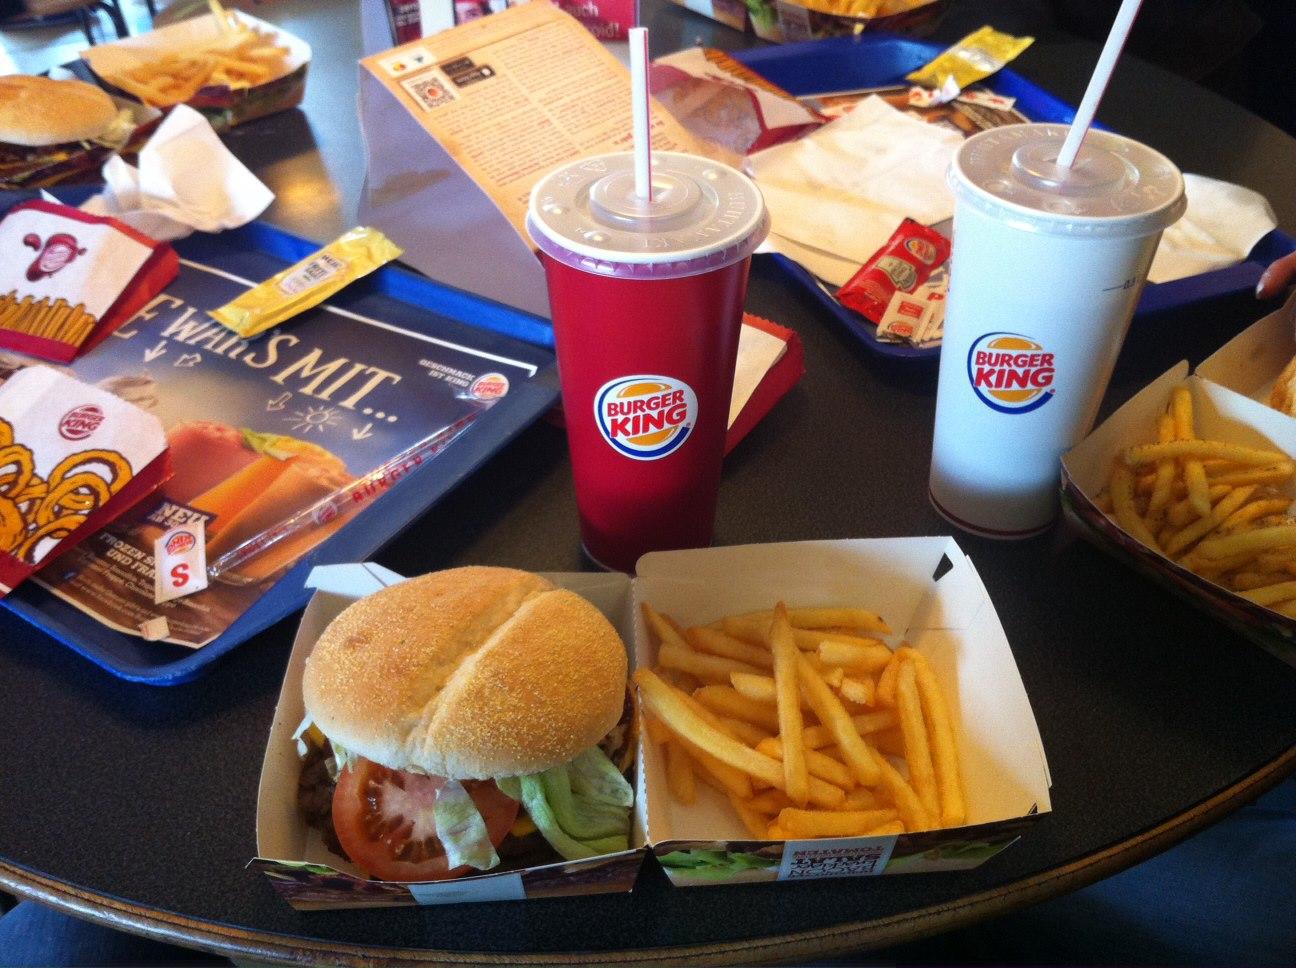 Burger King arrive en Belgique, mais pour quelle raison ?